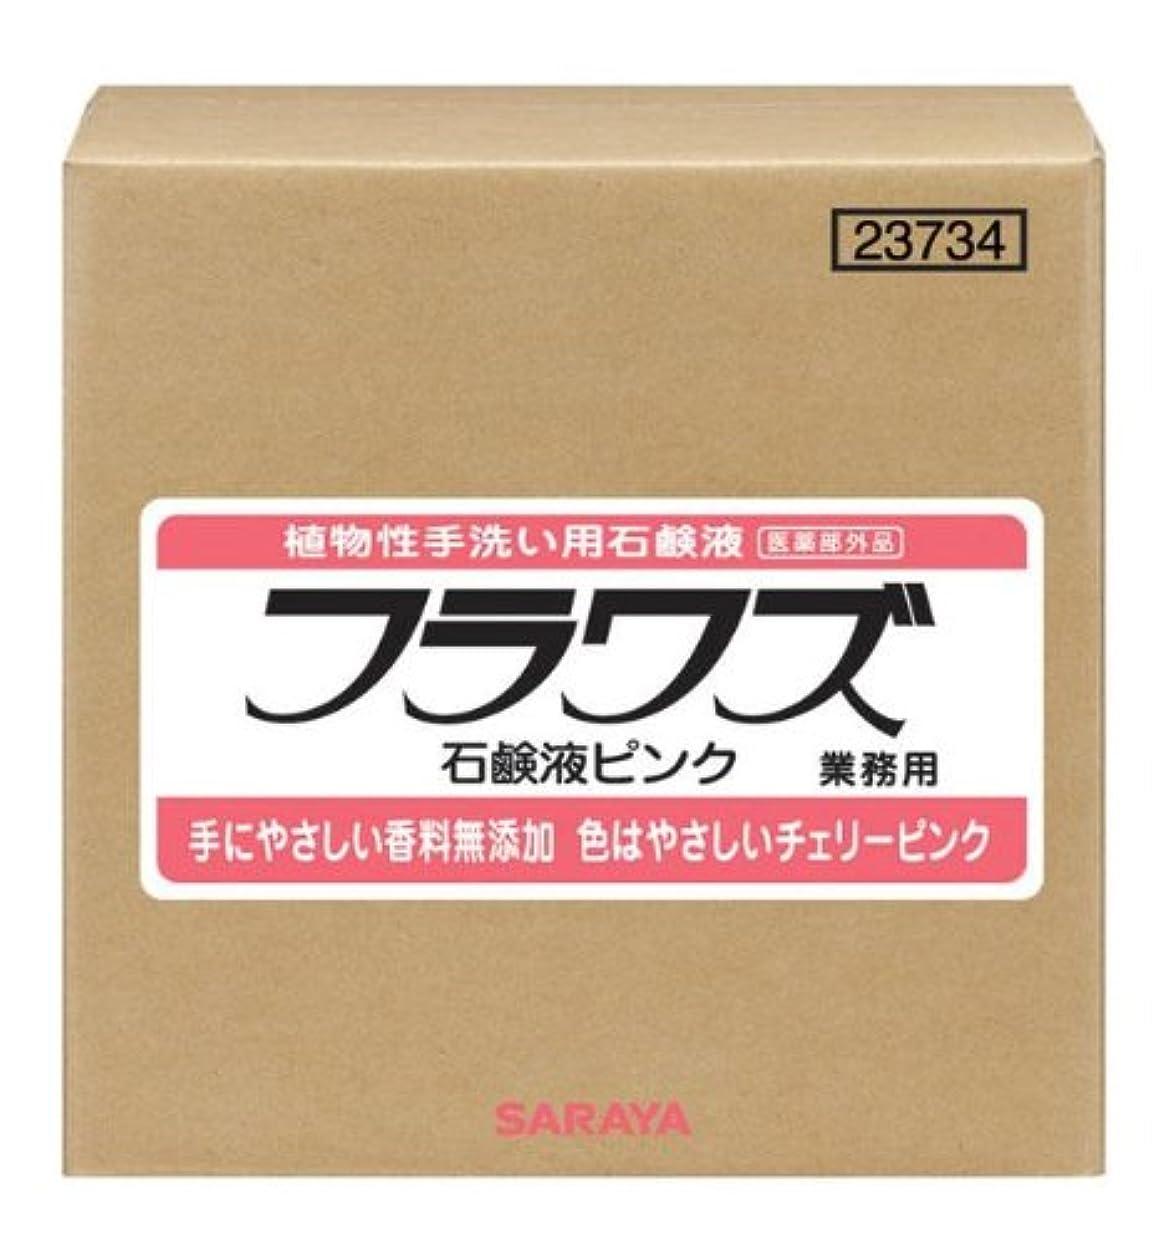 かき混ぜる花消すサラヤ フラワズ石鹸液ピンク 20kg BIB 1箱【同梱?代引不可】